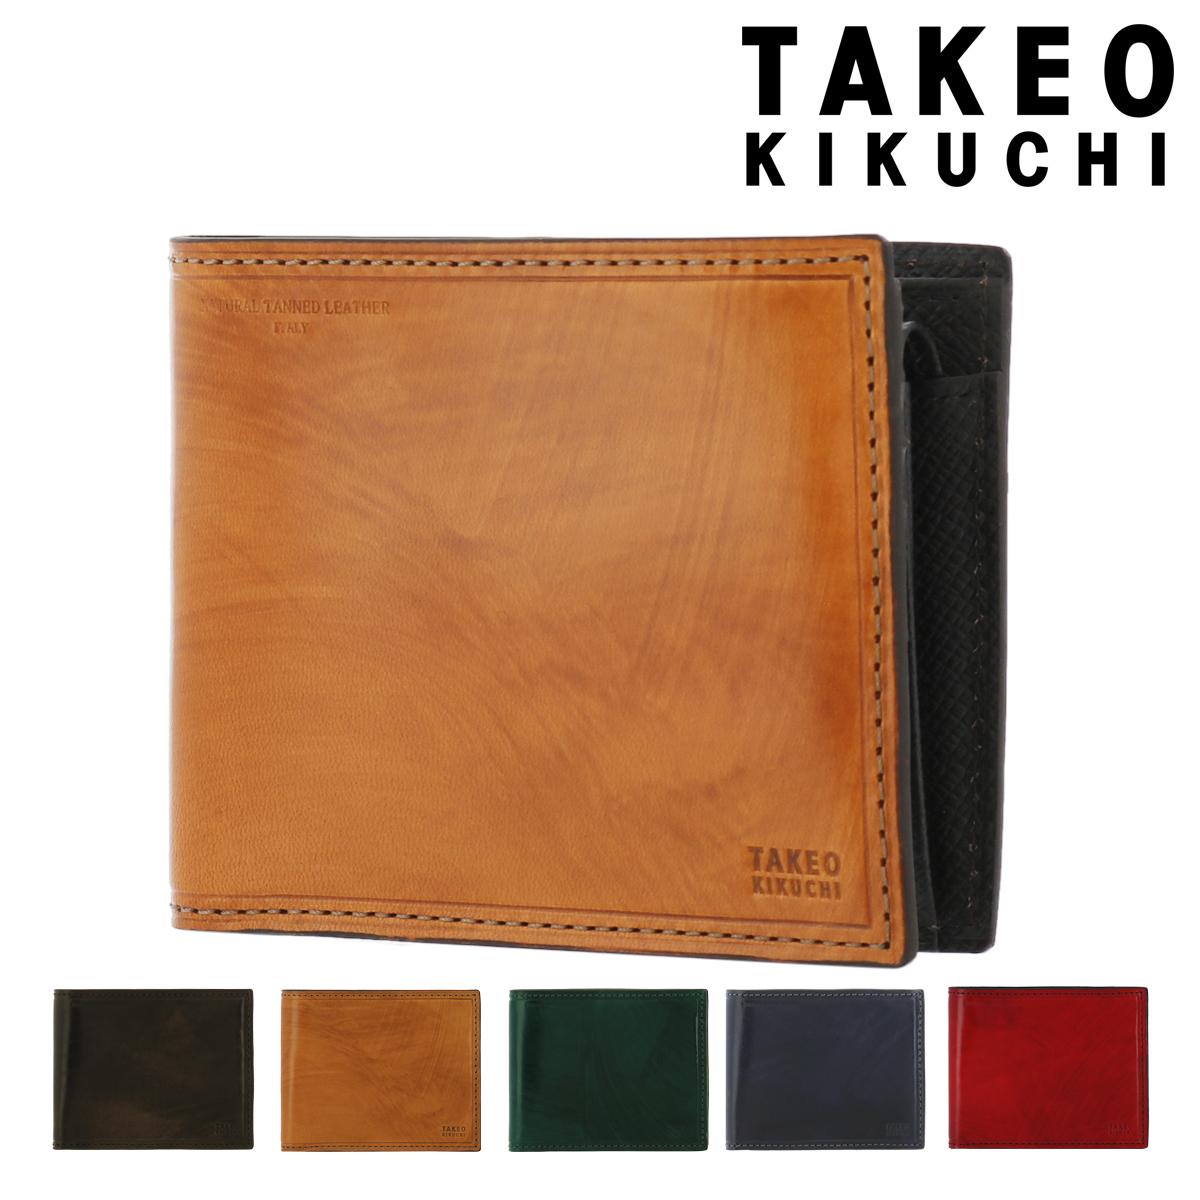 タケオキクチ 二つ折り財布 ハンドII小物 メンズ 779603 TAKEO KIKUCHI   牛革 本革 レザー [PO5][bef]